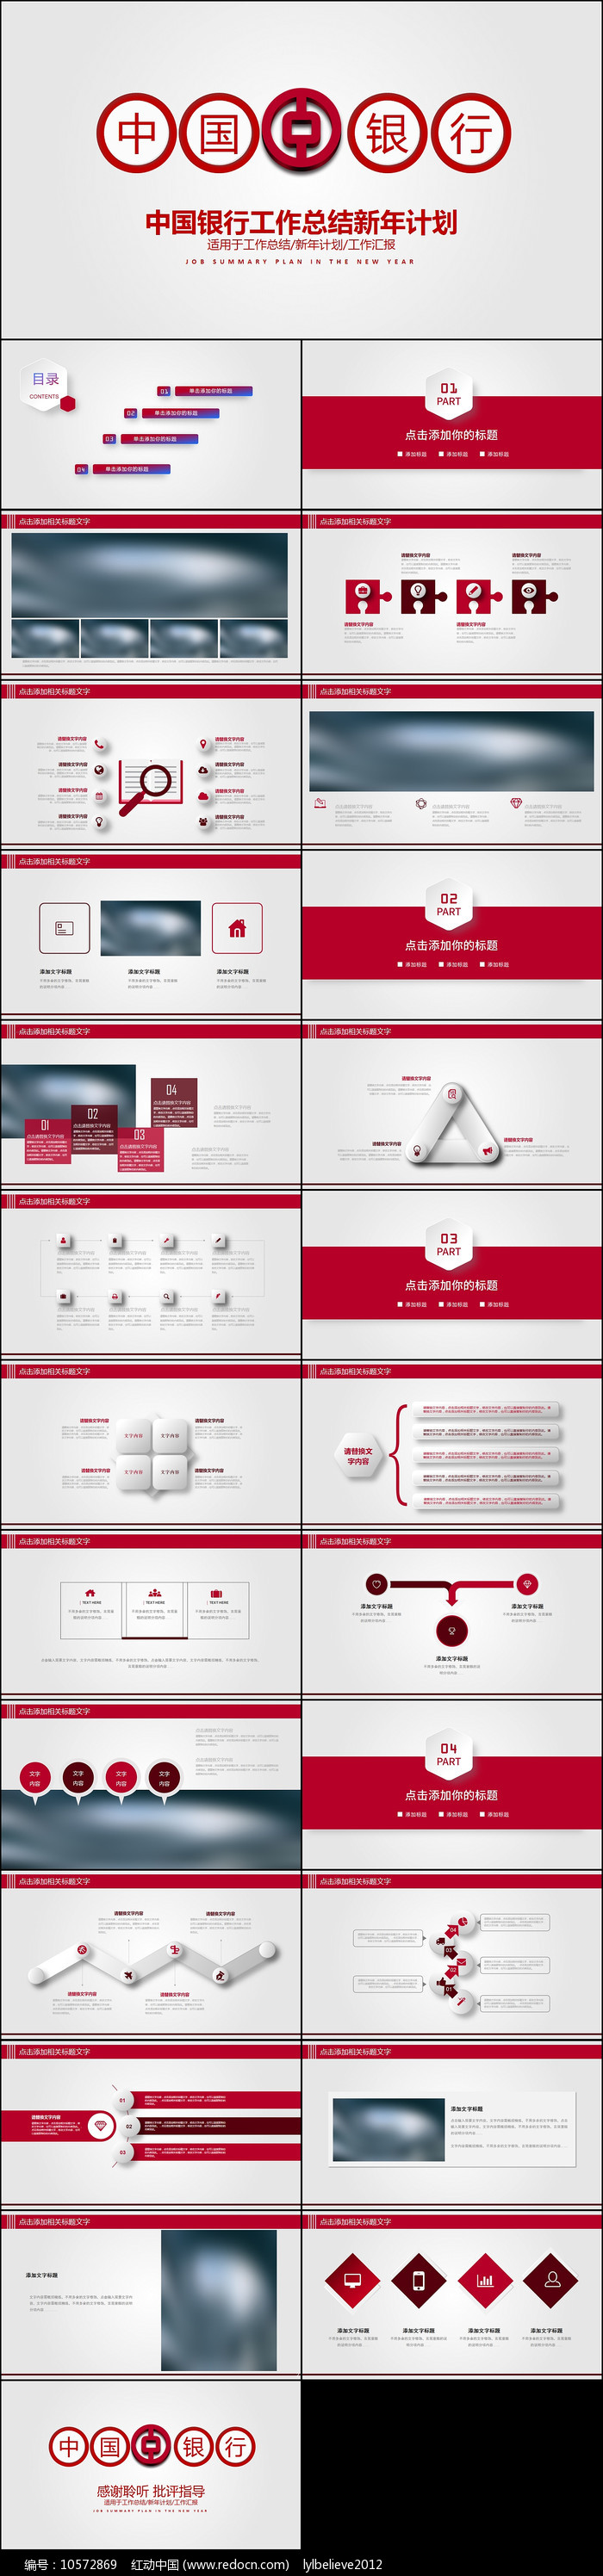 红色简约大气中国银行ppt模板图片